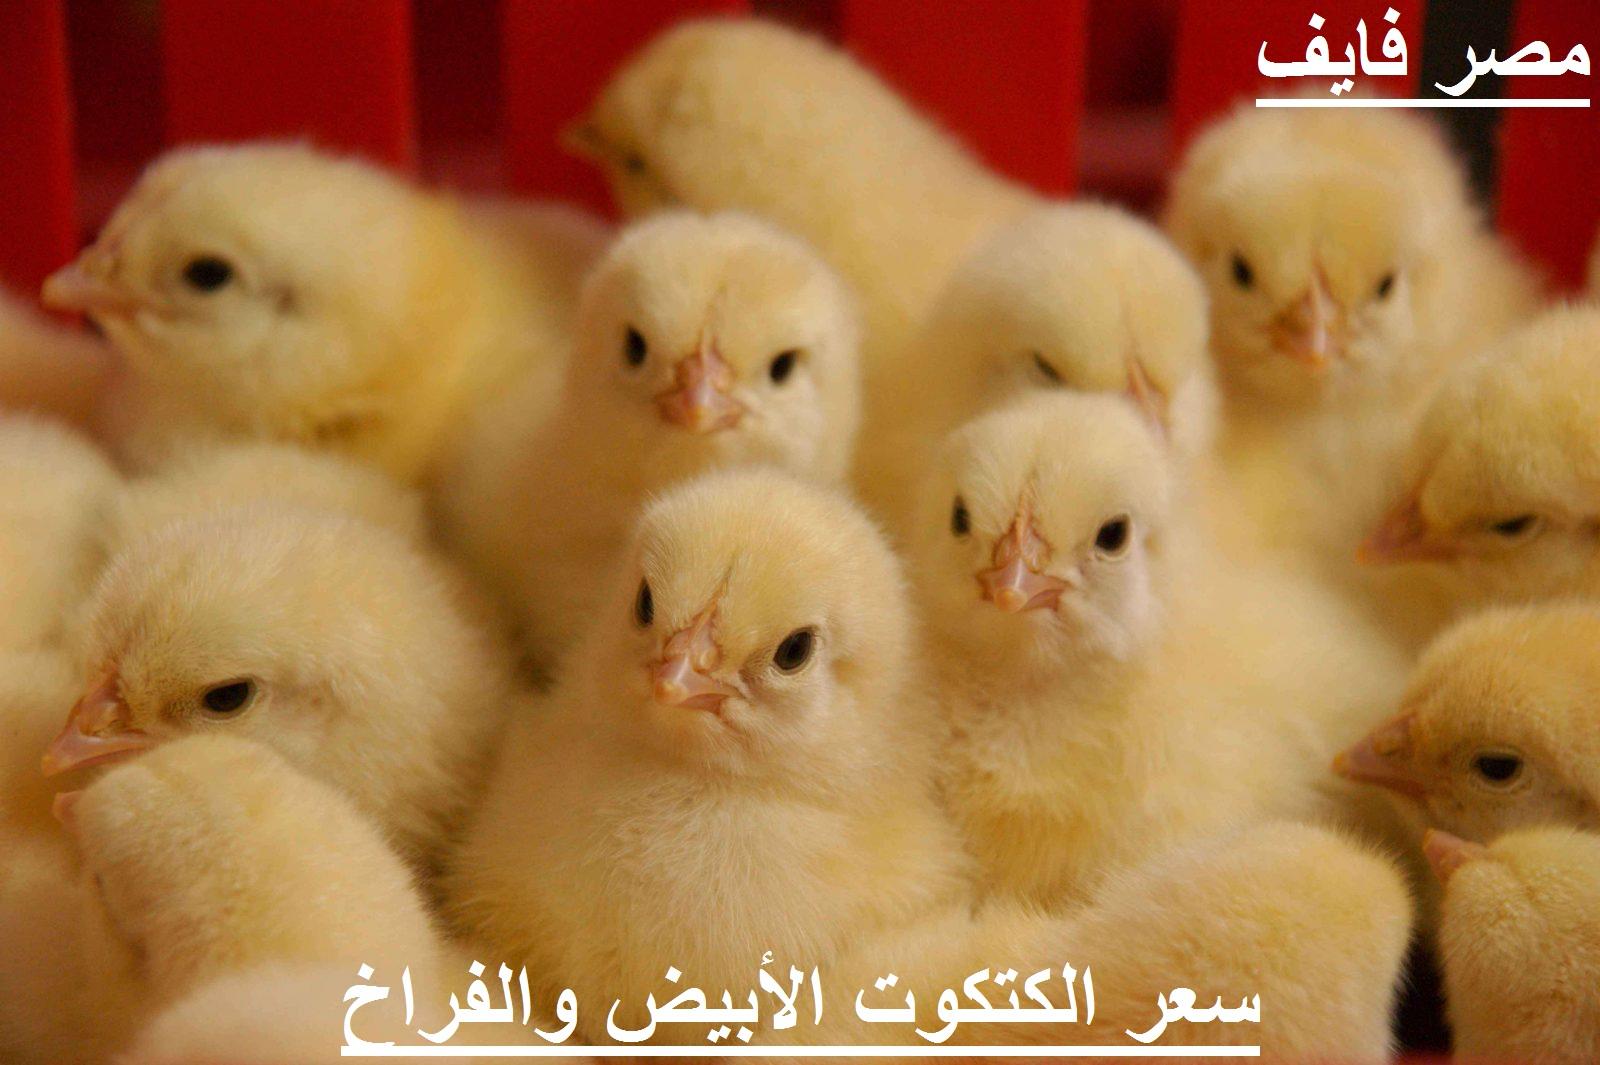 سعر الفراخ اليوم الثلاثاء 20 يوليو 2021 أول أيام العيد 2